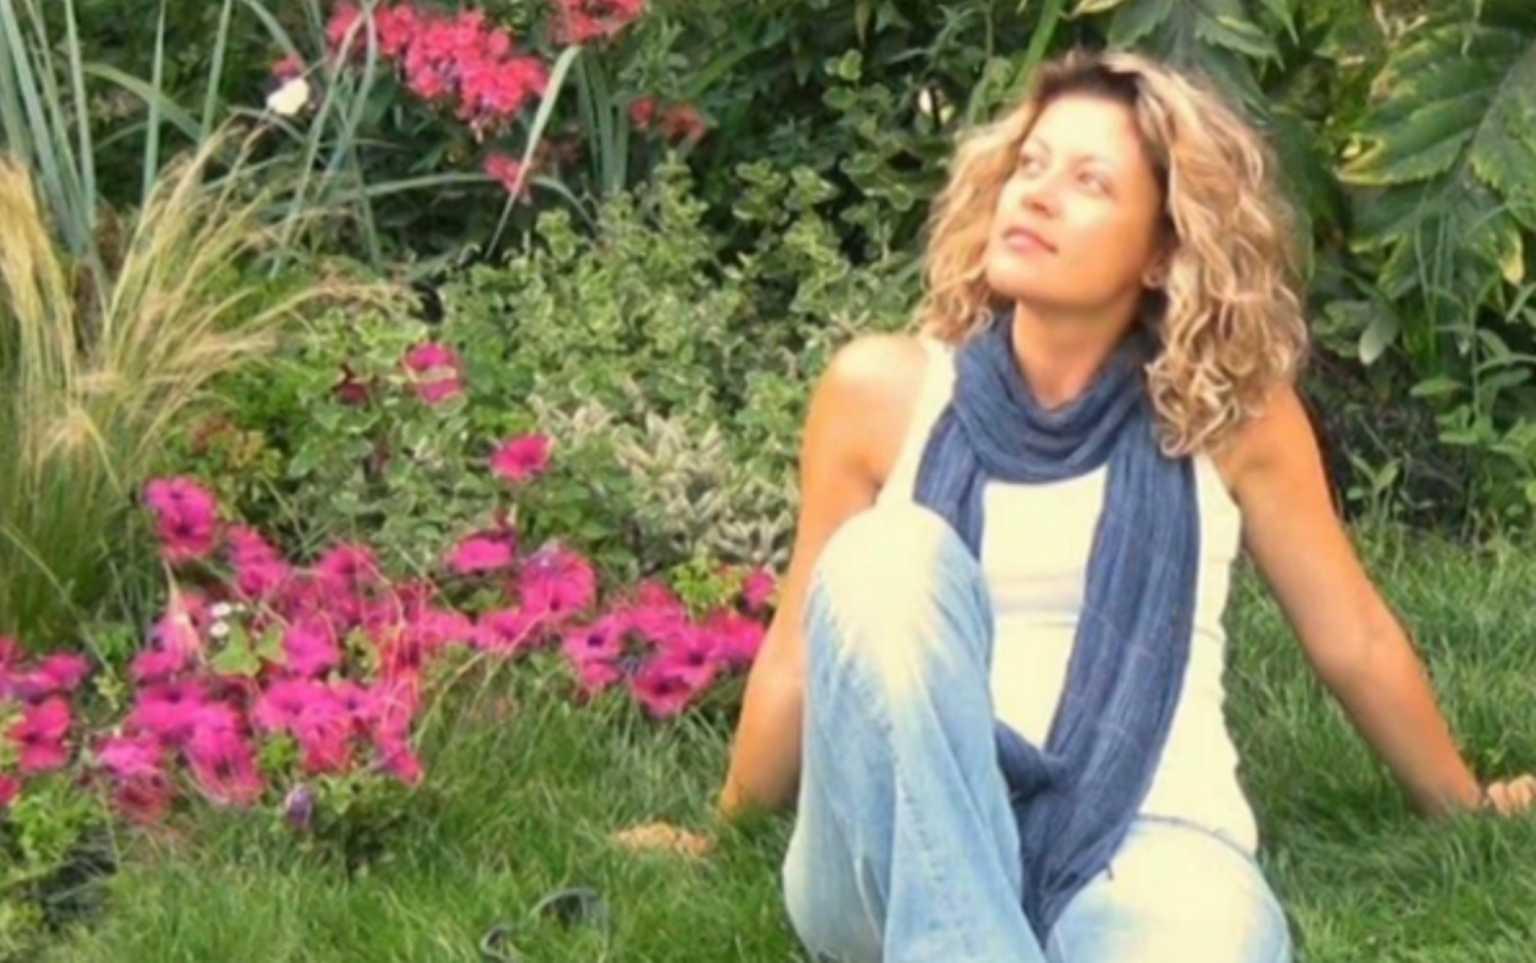 Σύζυγος της νεκρής 37χρονης εγκύου: Την παρέδωσα στο νοσοκομείο και το πρωί μου είπαν ότι πέθανε – ΒΙΝΤΕΟ